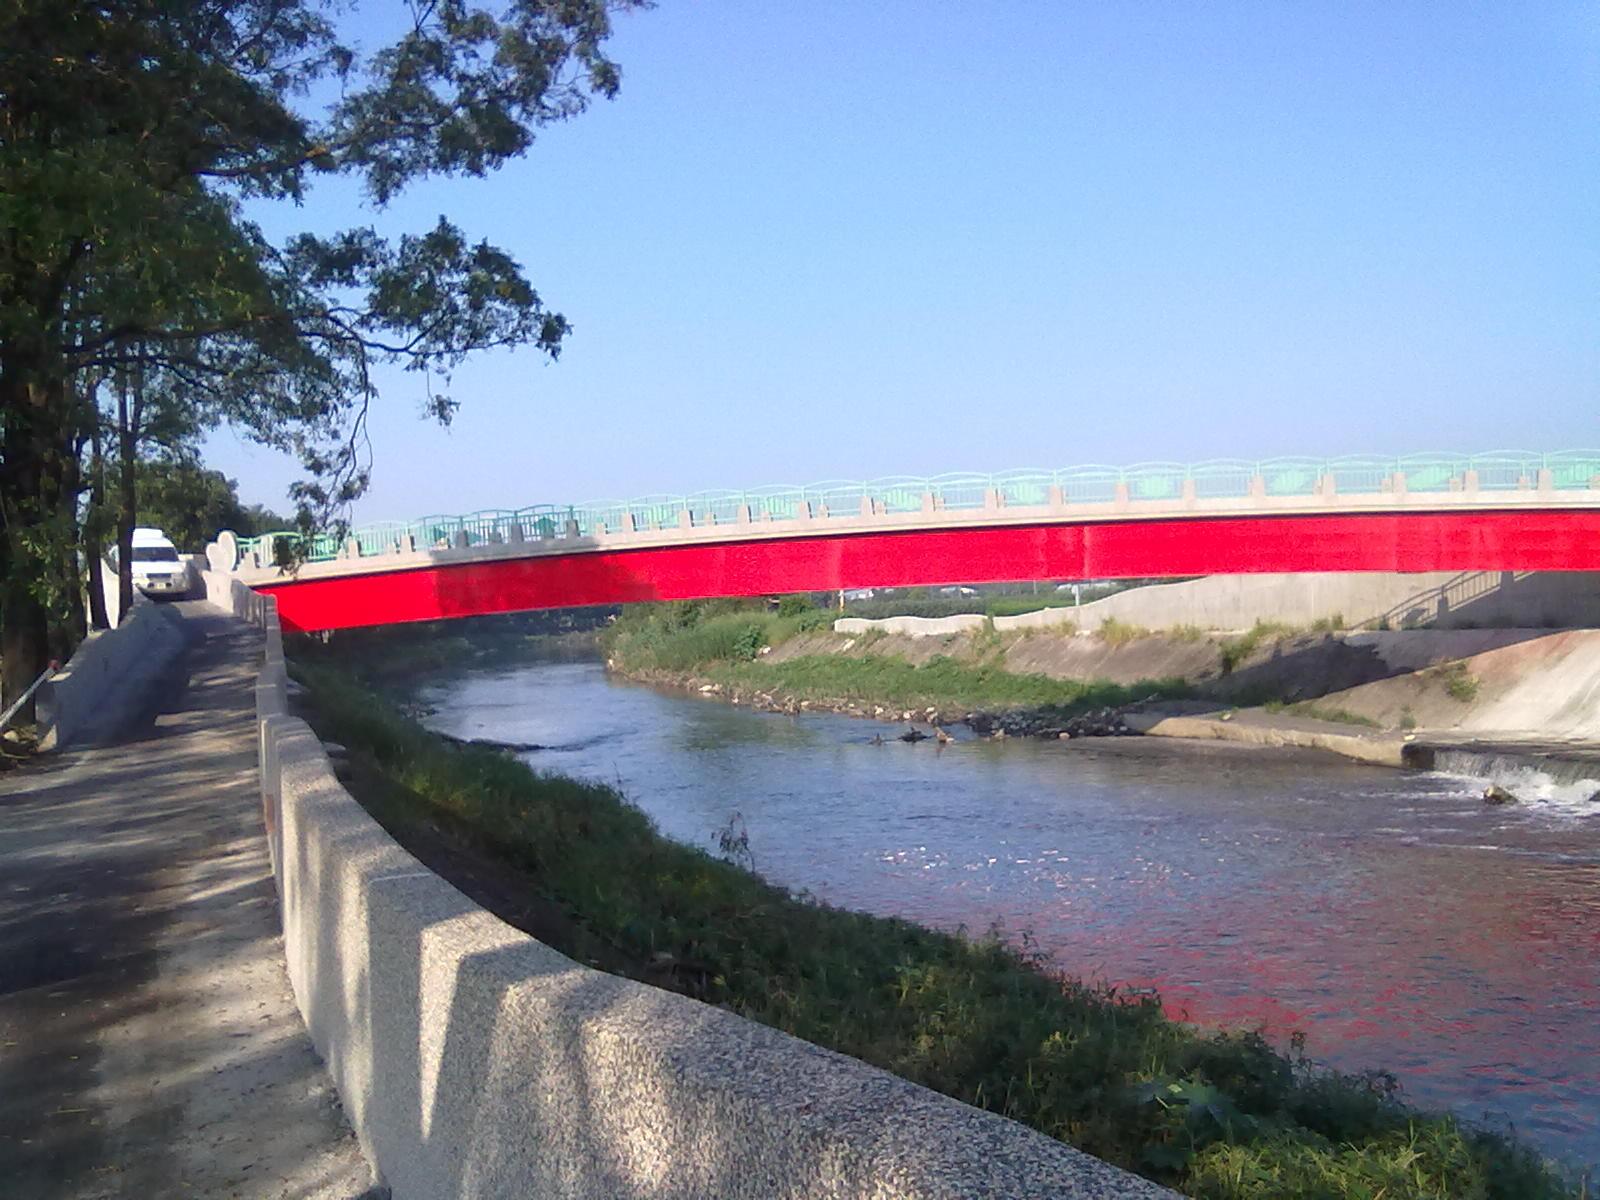 屏東縣社區營造中心: 萬丹「紅豆故鄉」~~新泉拱橋鐵騎之旅。